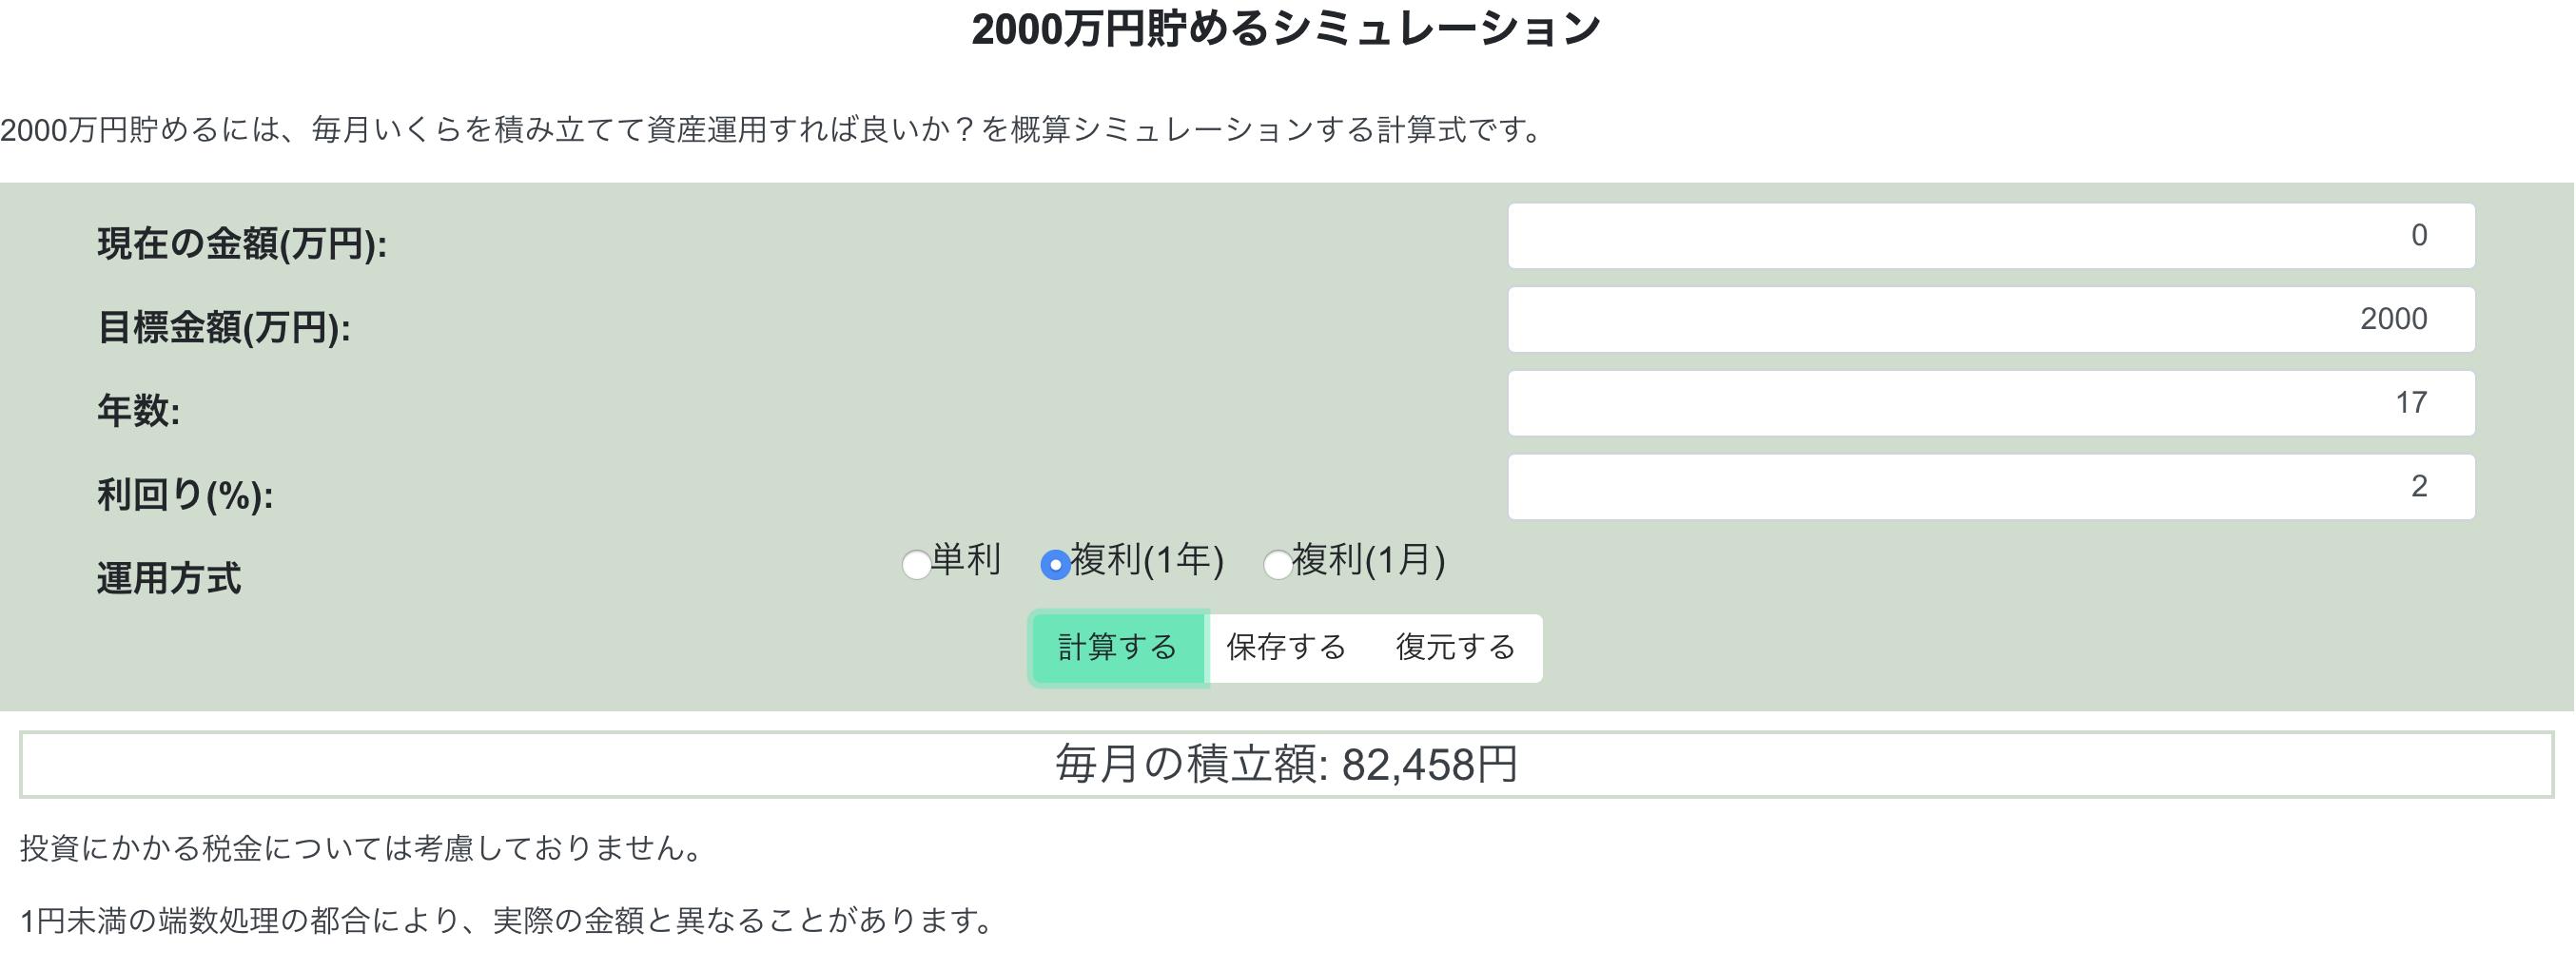 年収別で考える資産運用・株式投資(おすすめの対処法)_年収500万円1